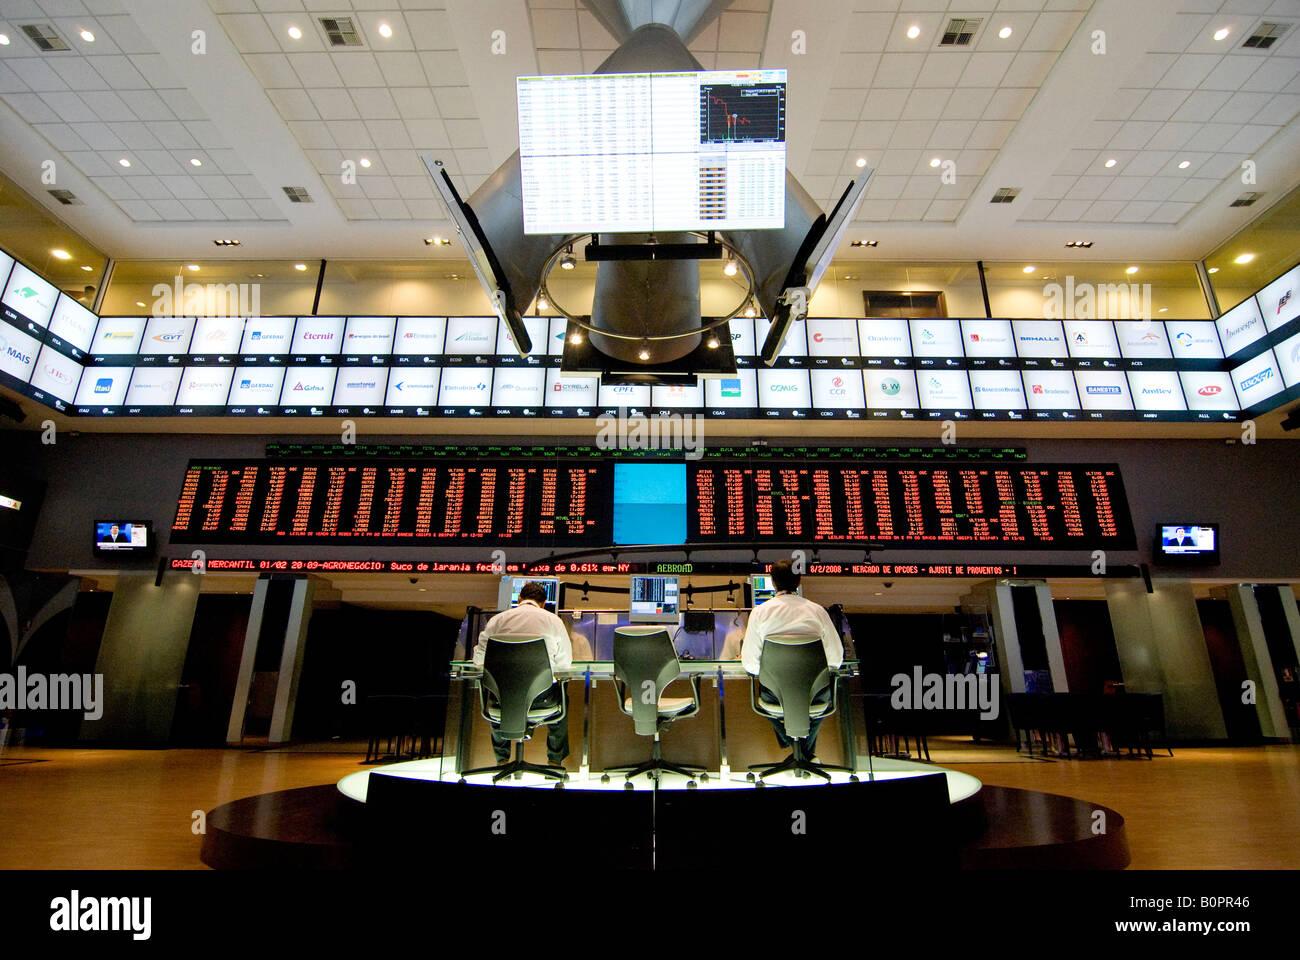 Les courtiers fonctionnent à Sao Paulo Bovespa Brésil 02 08 08 Photo Stock